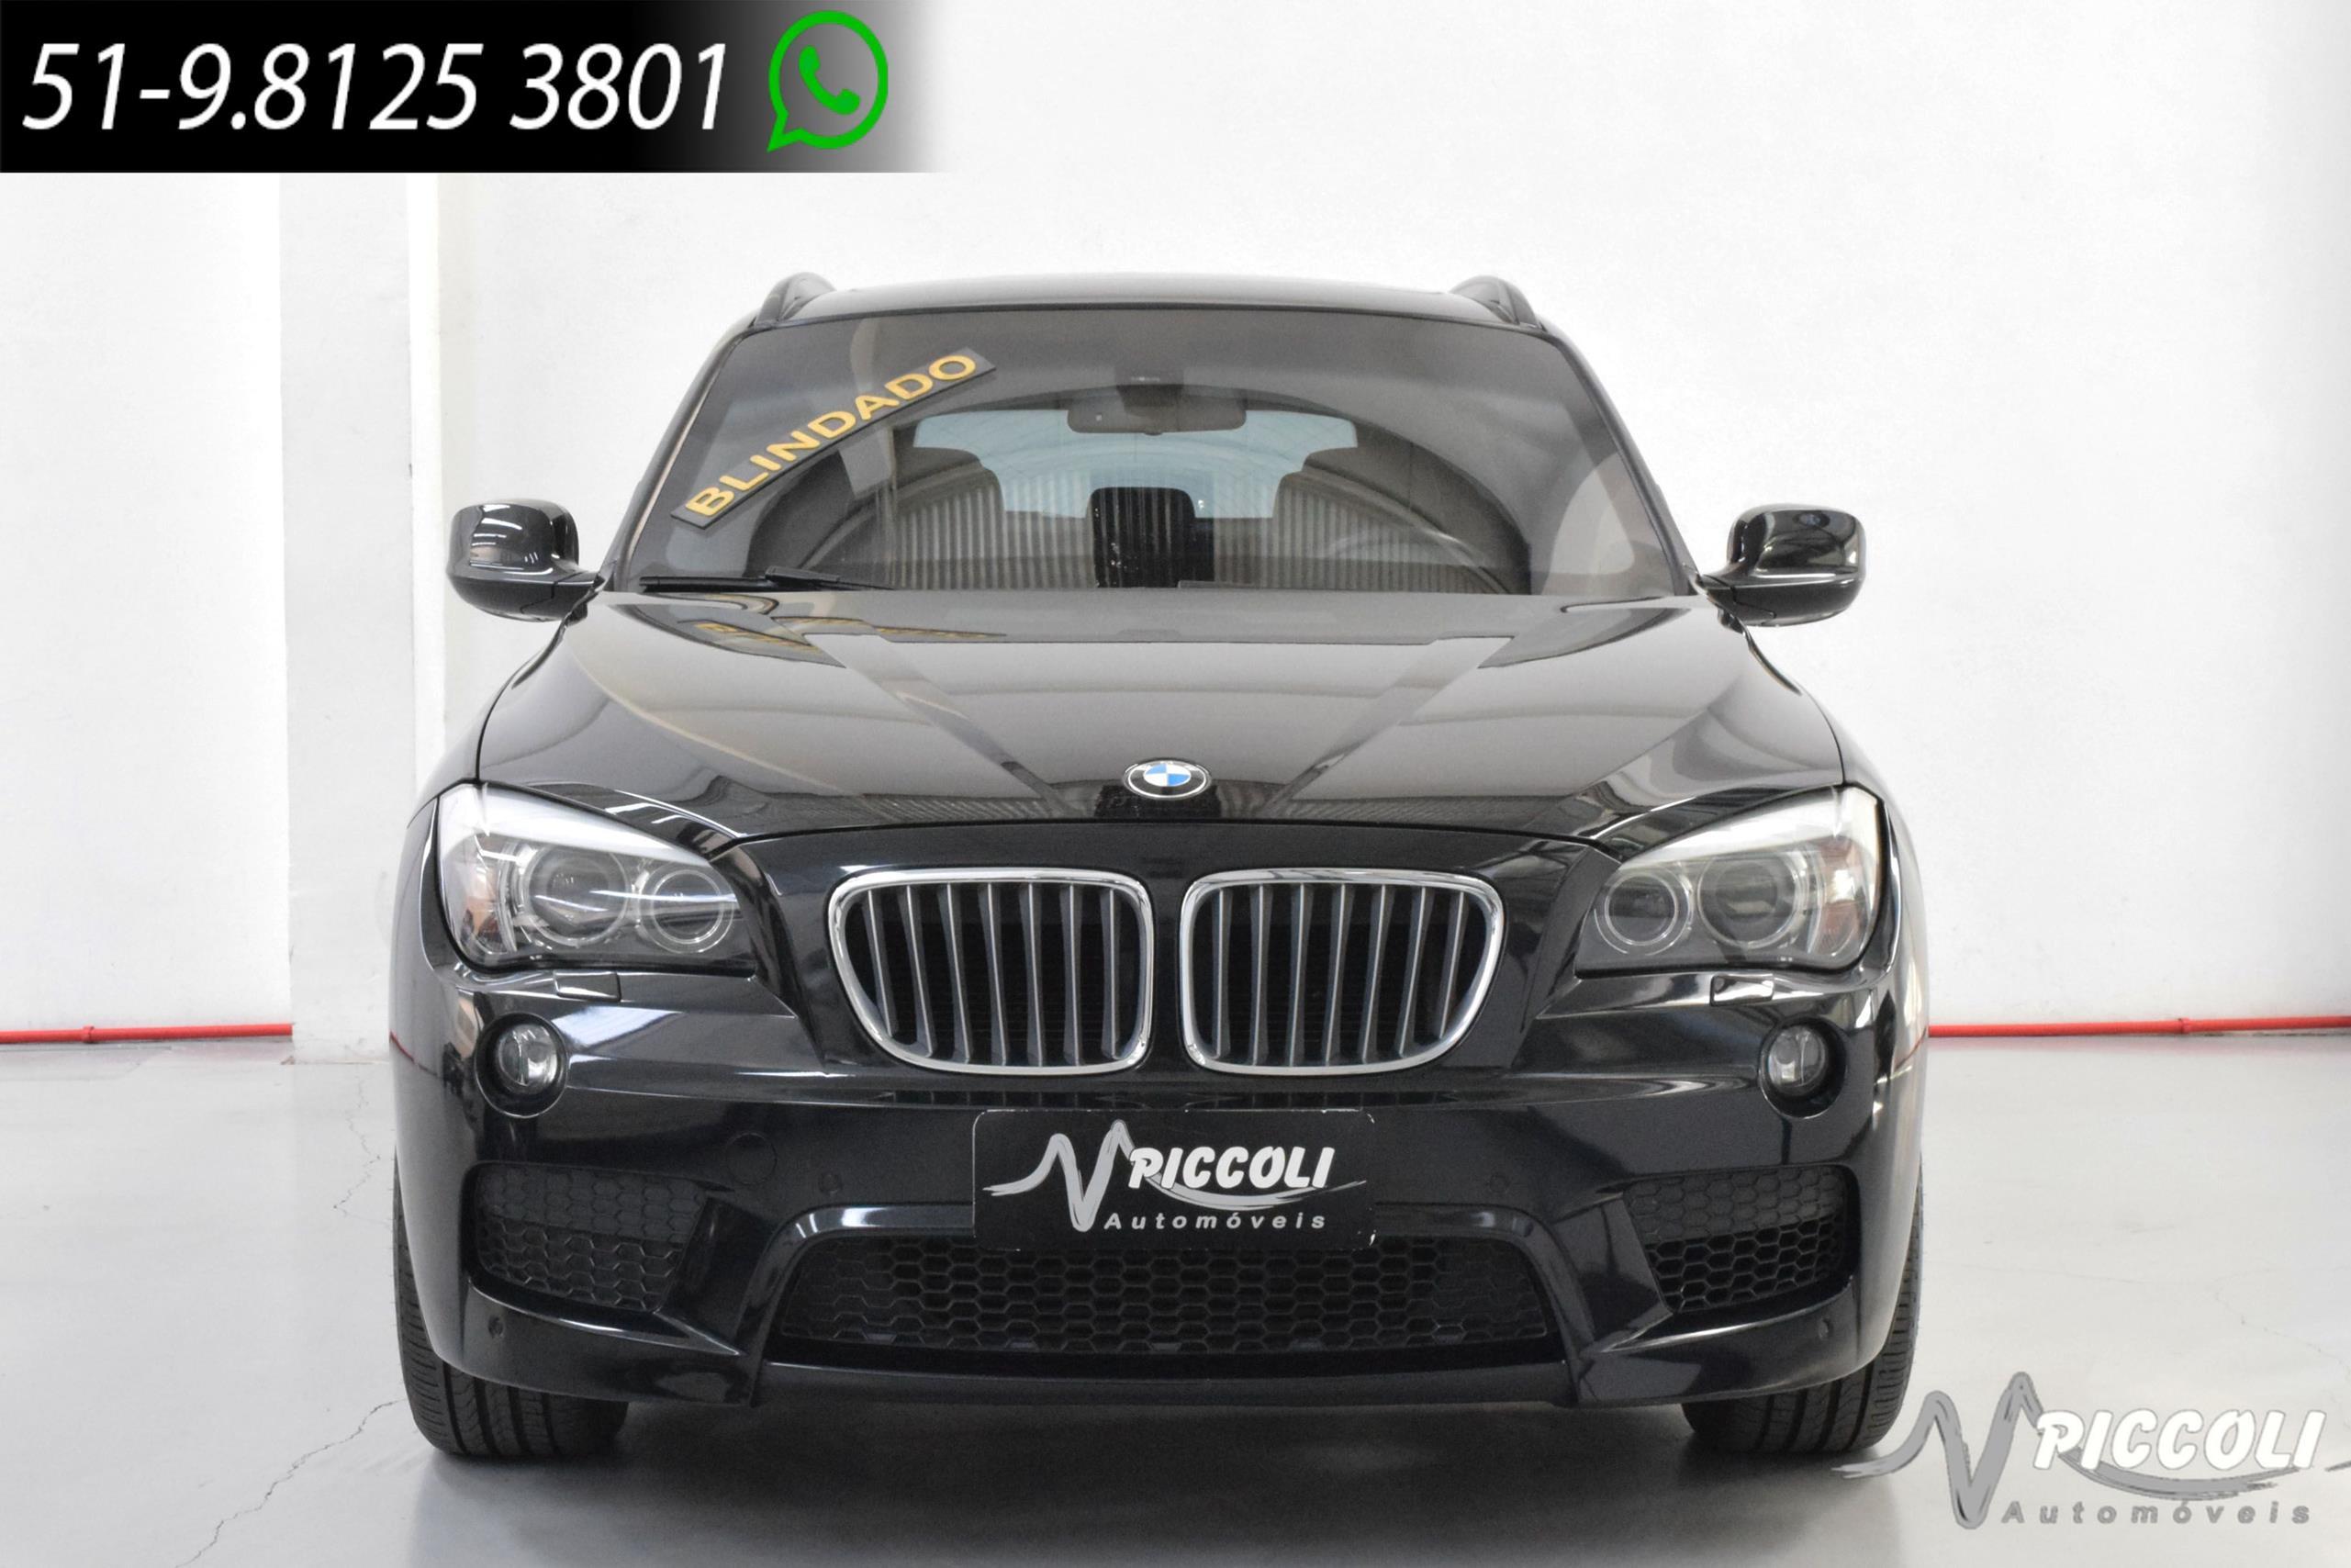 BMW - X1 28I BLINDADA - 2012/2013 - PRETA - R$ 95.900,00